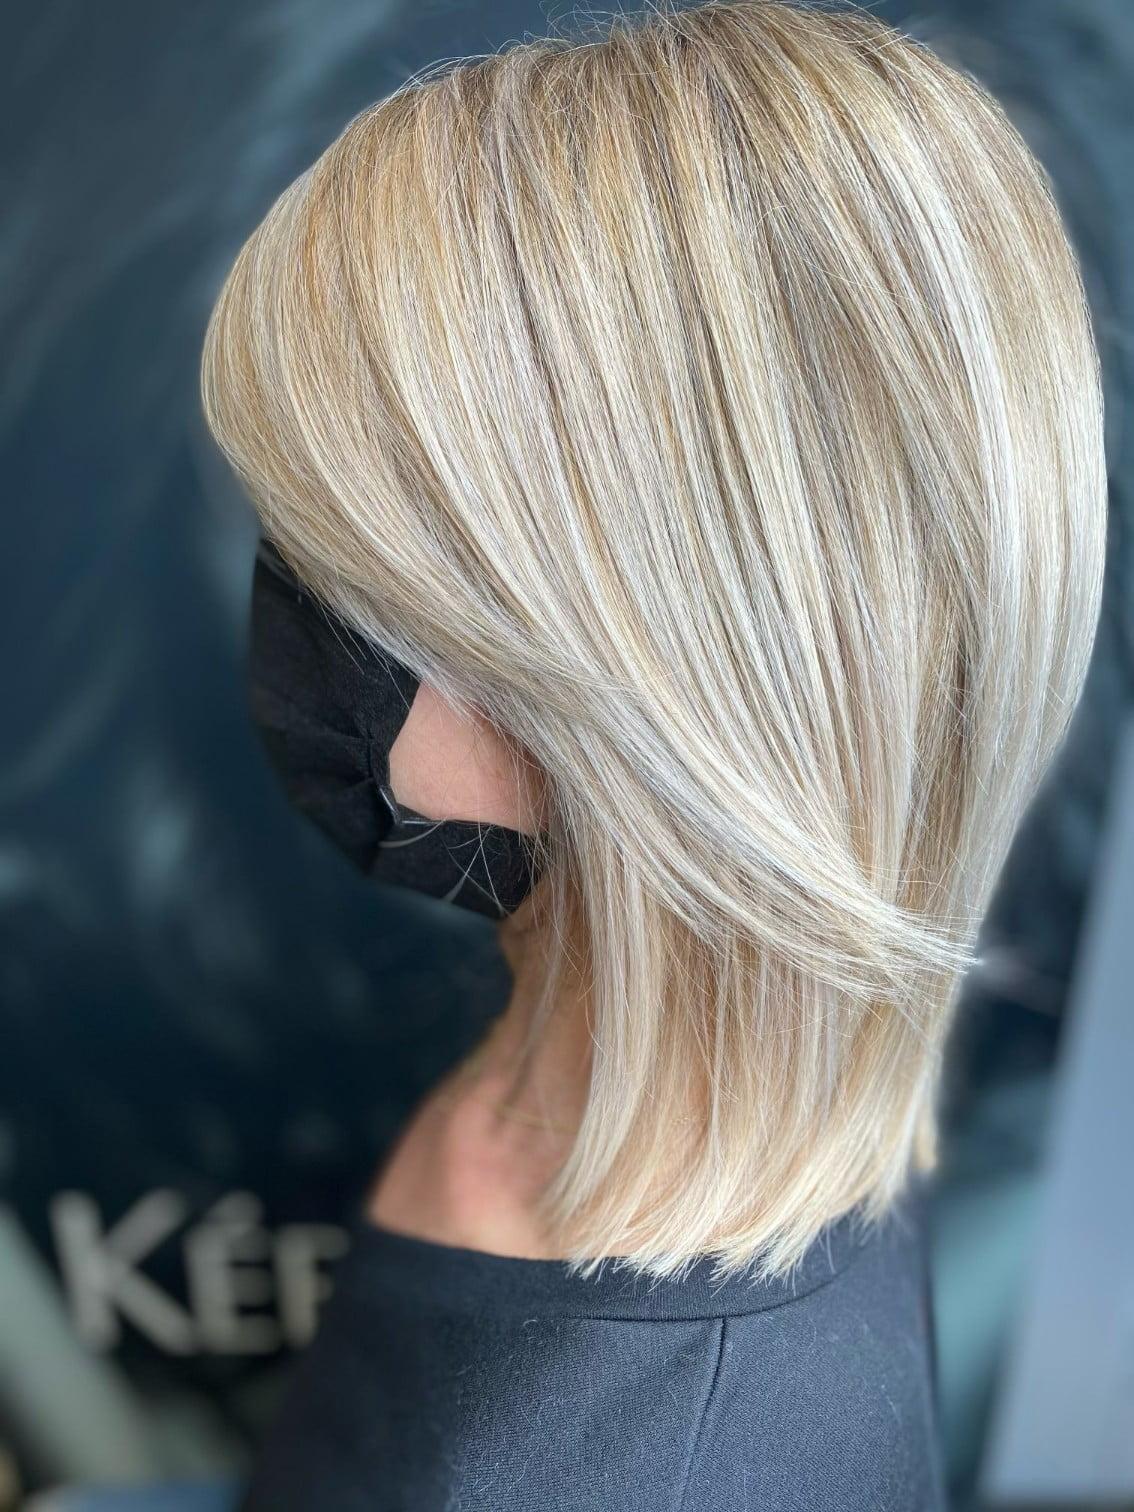 Ania Hair Salon_ short blonde